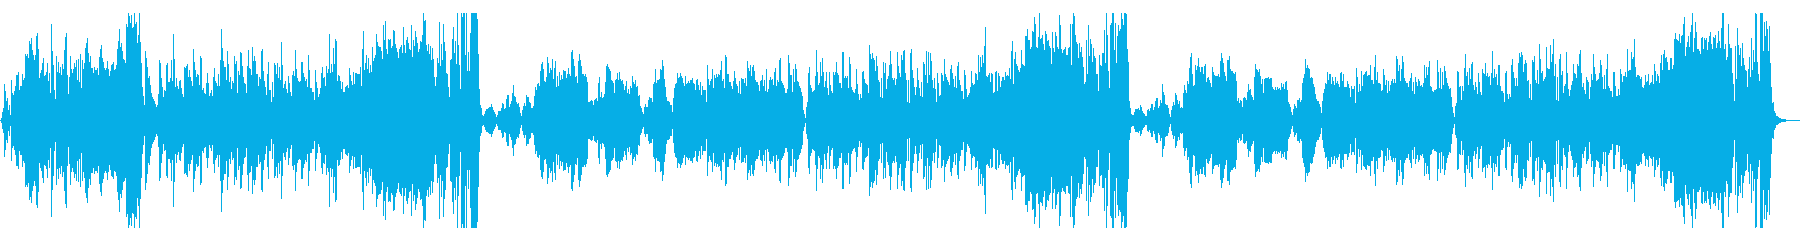 木管と弦の室内楽による軽快な序曲の再生済みの波形